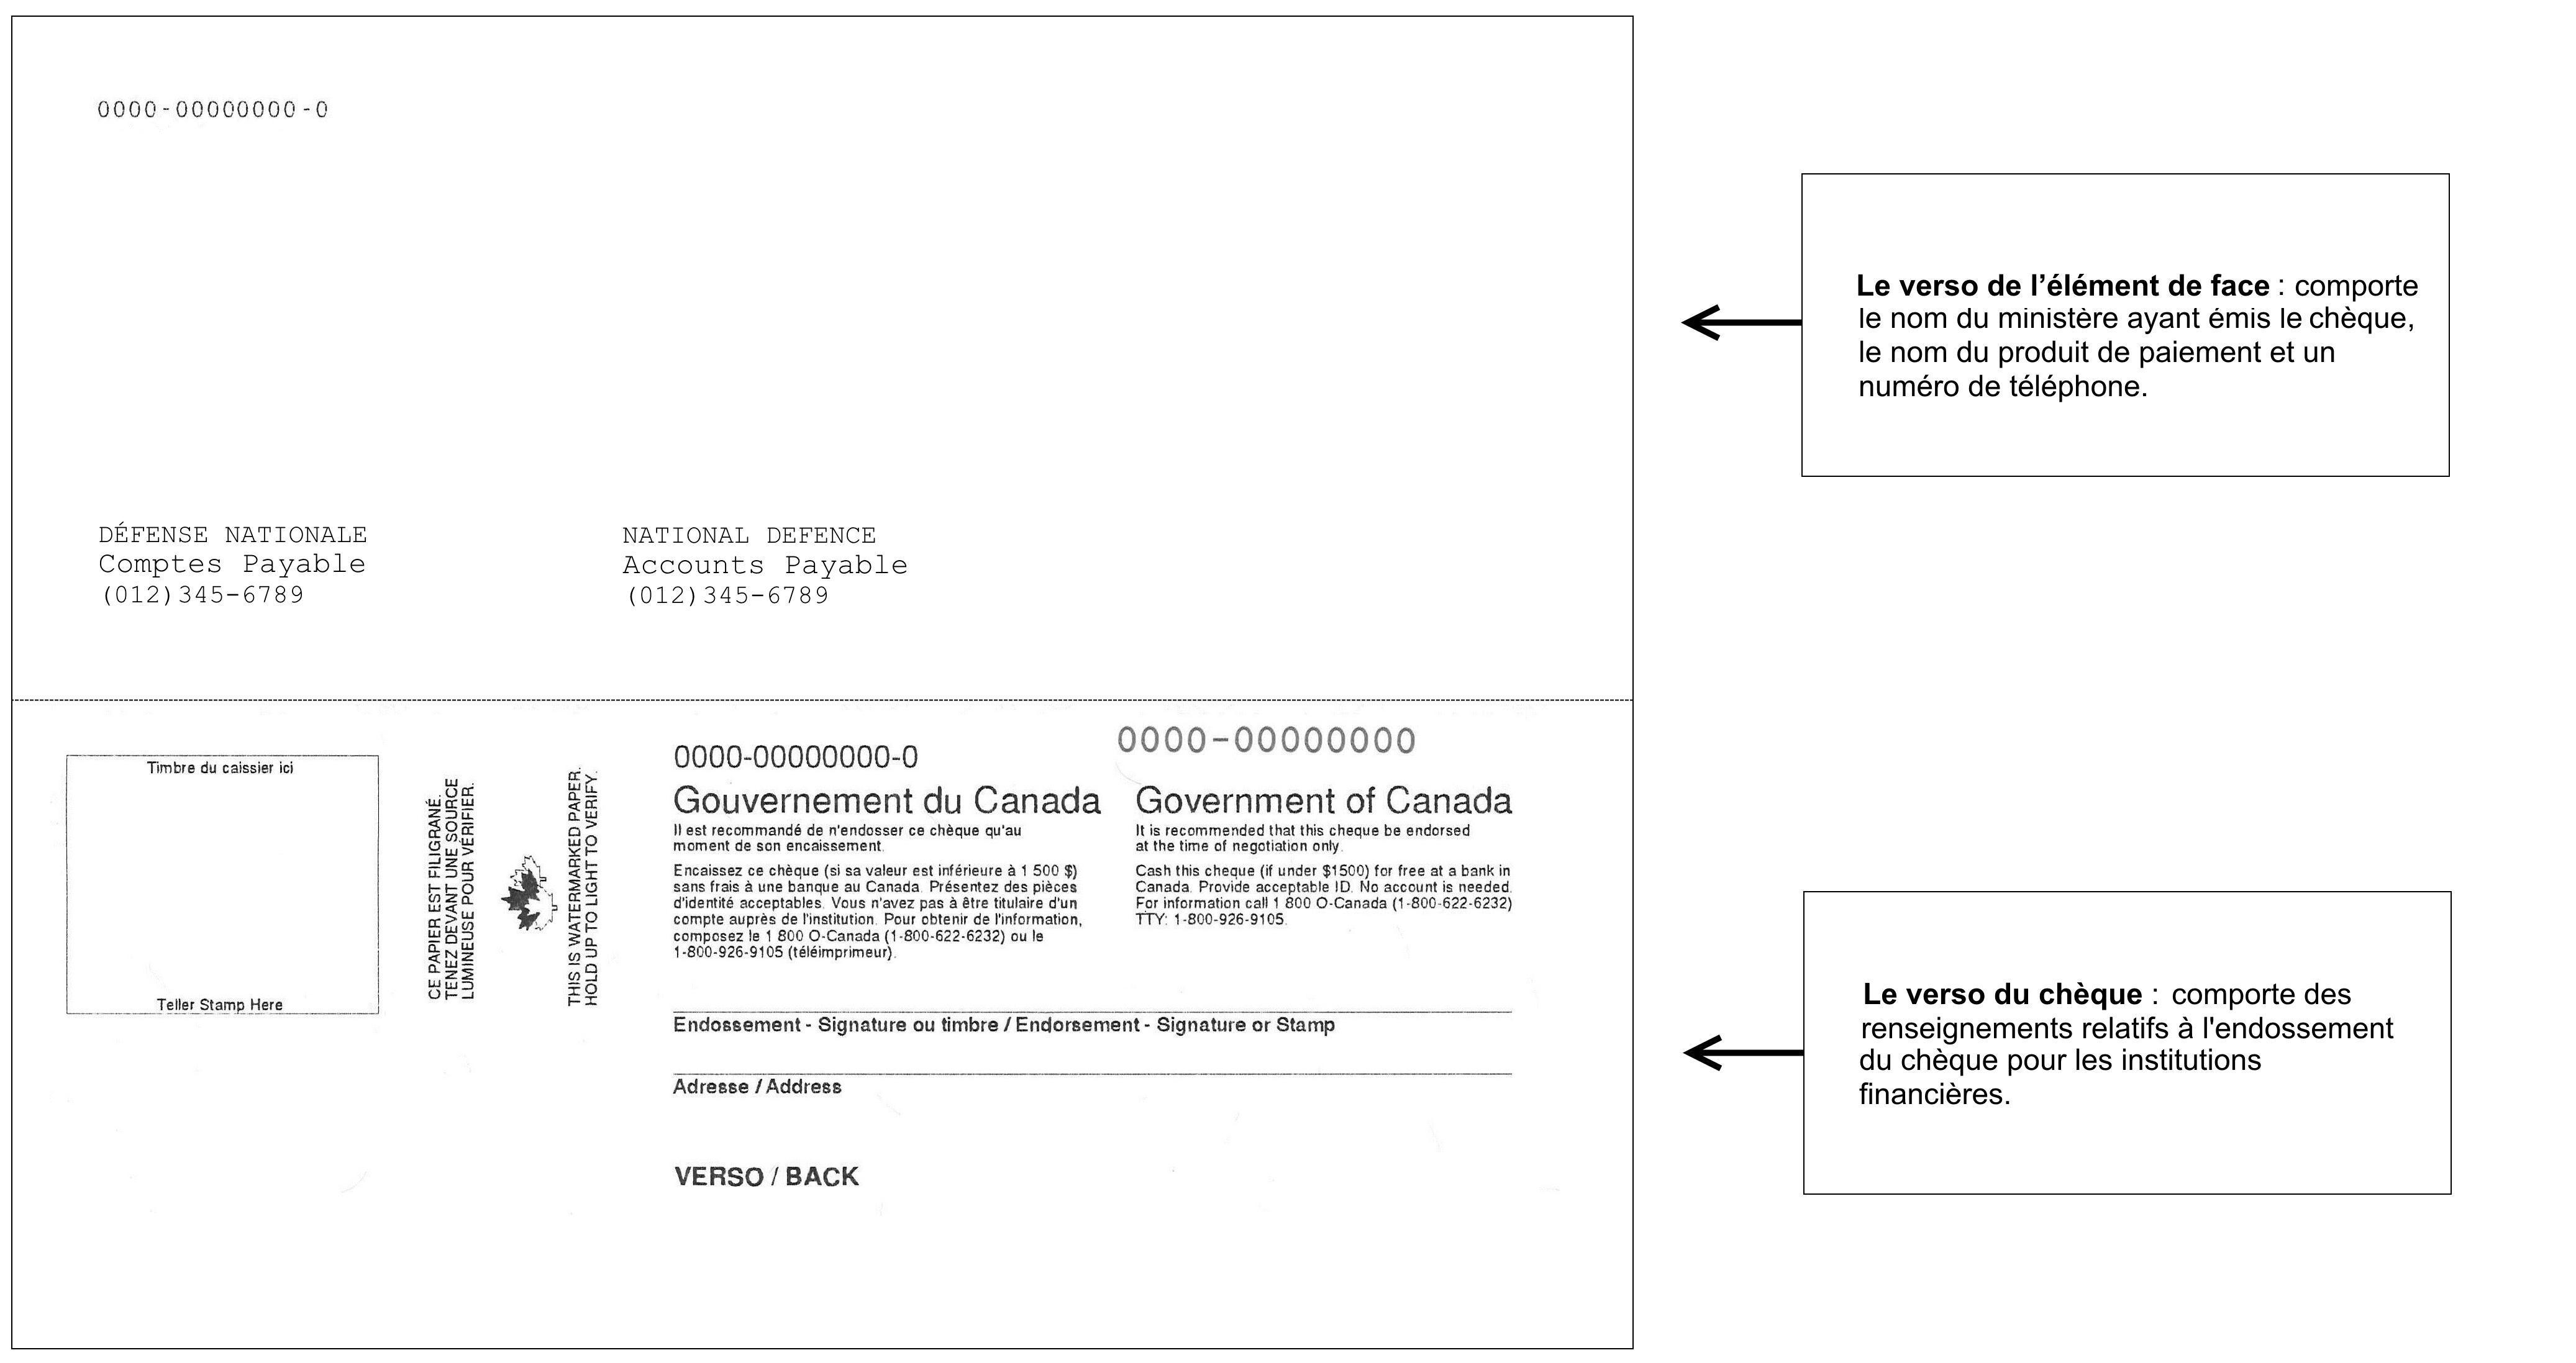 Foire aux questions receveur g n ral du canada tpsgc - Comment obtenir cheque emploi service ...